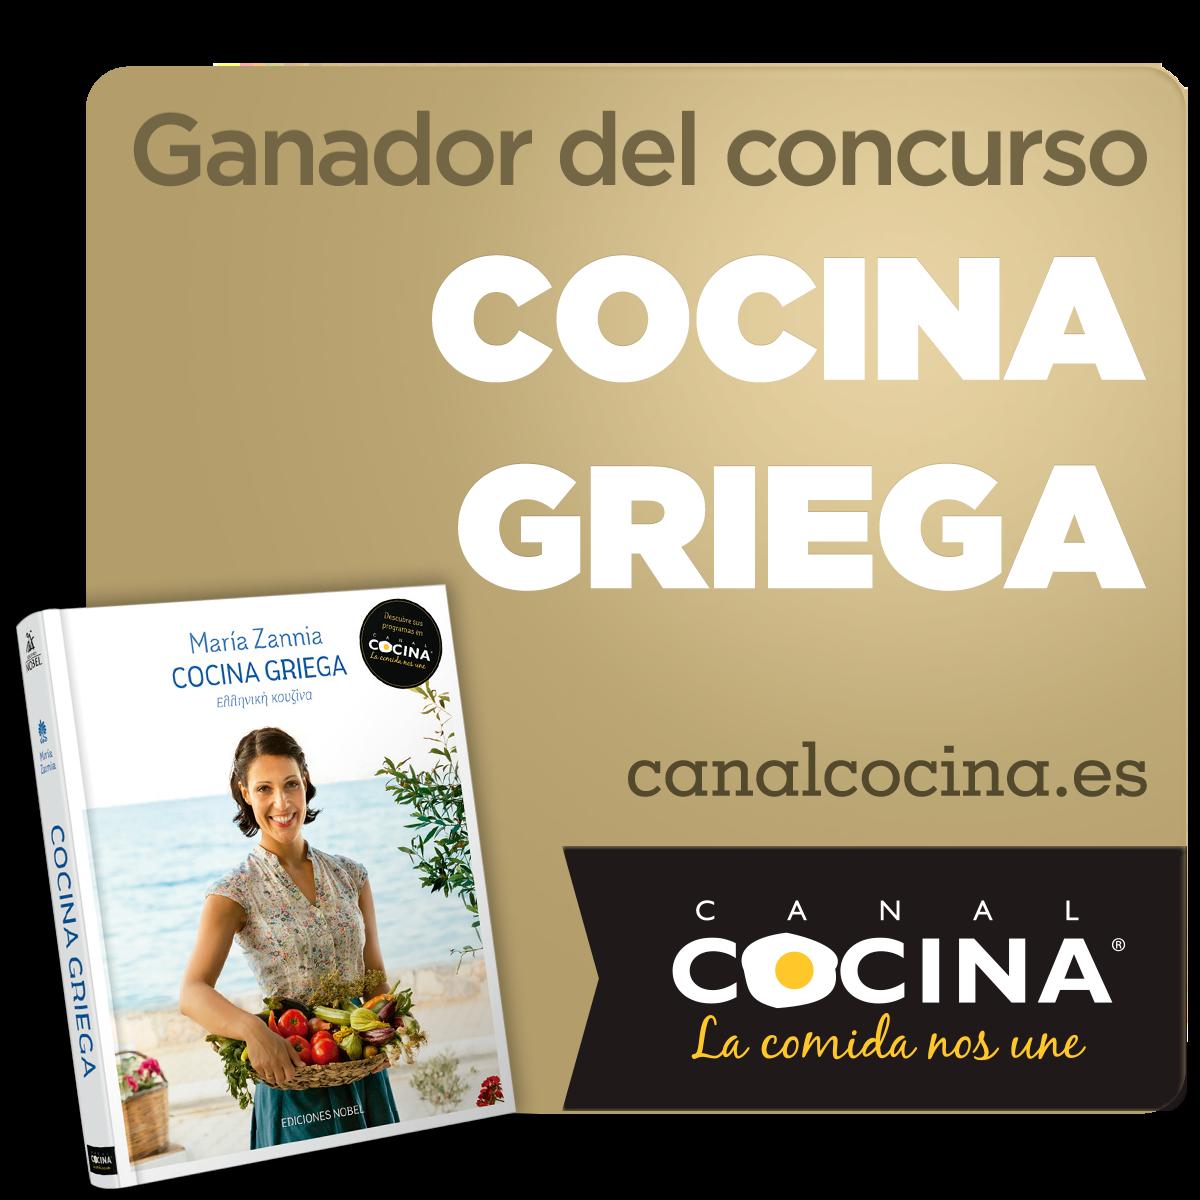 Ganadora del concurso de Canal Cocina